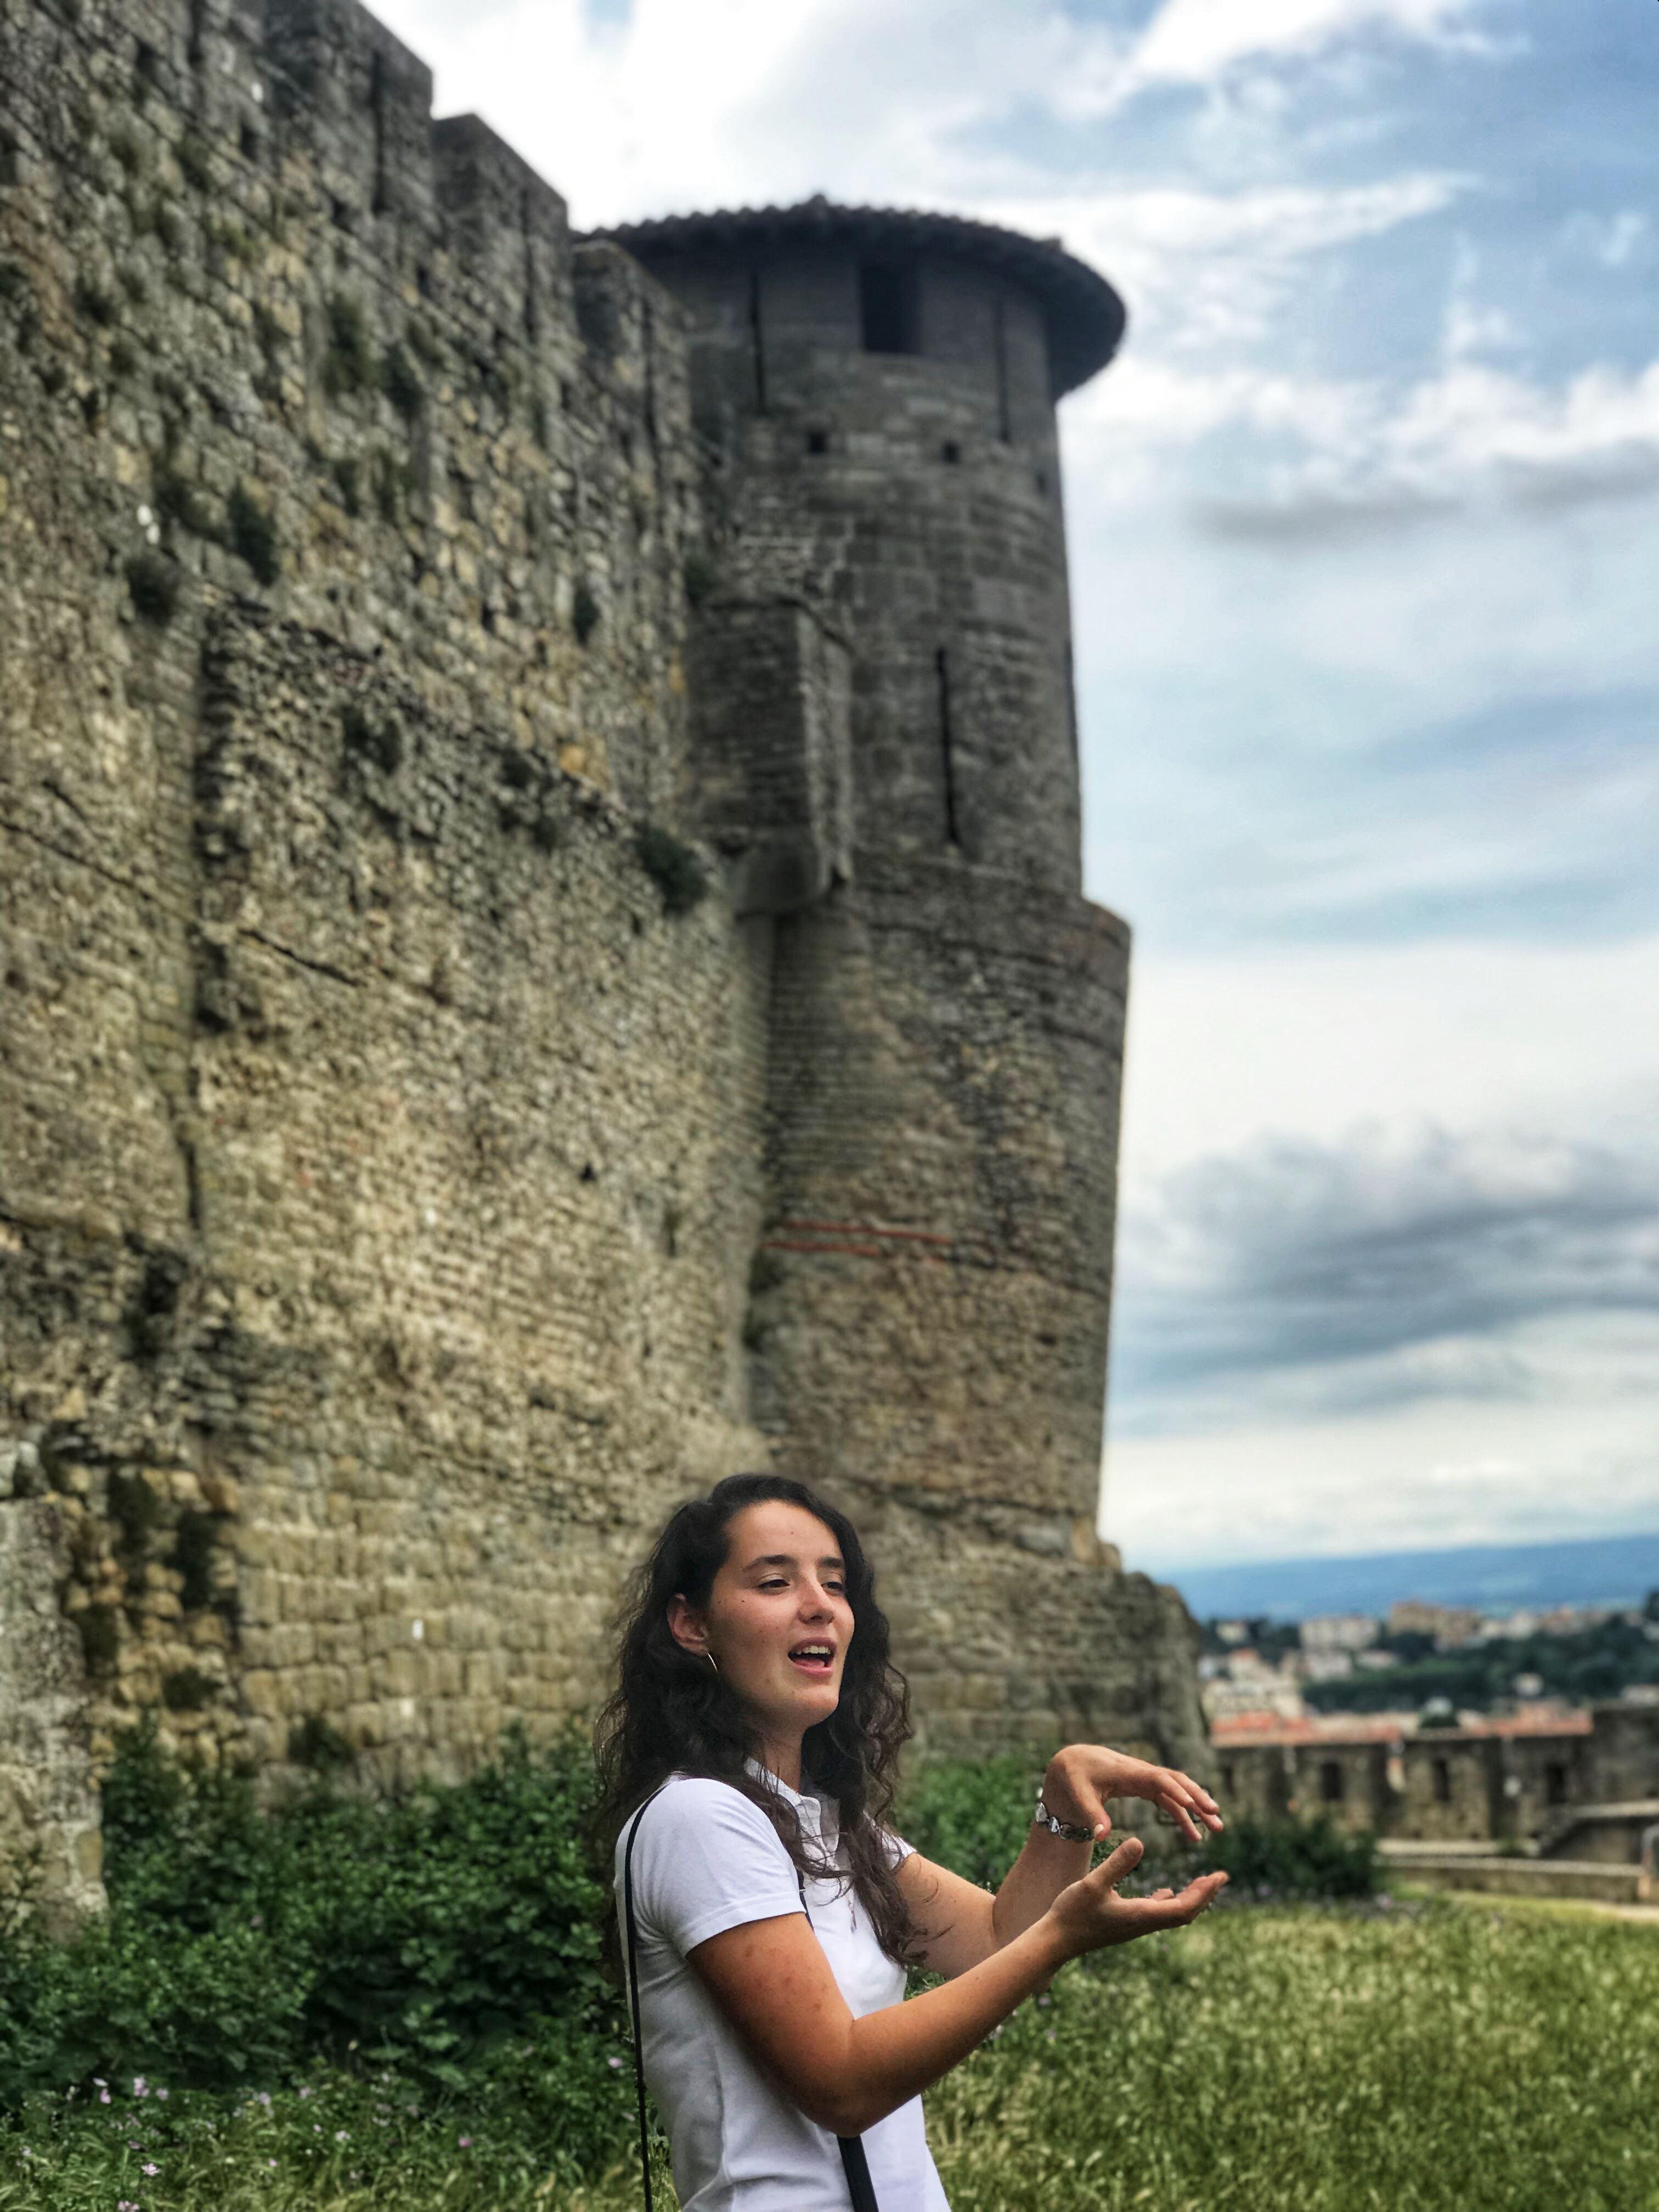 Visite guidée - Quand l'Histoire rencontre la légende - Agence Pays d'Oc